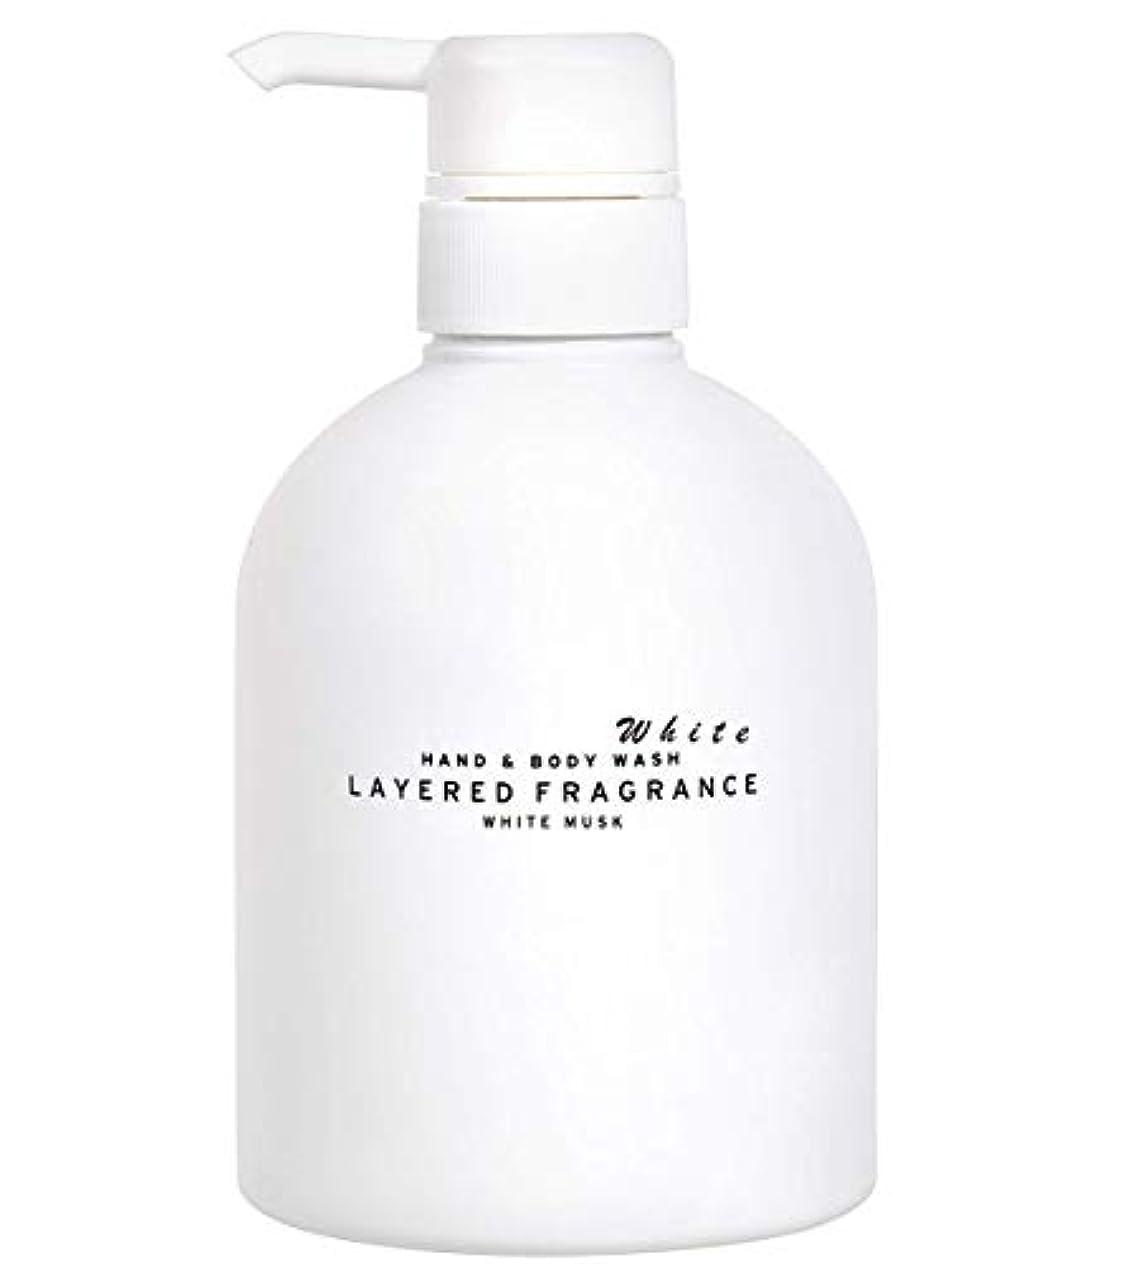 同行散髪あなたが良くなりますLAYERED FRAGRANCE(レイヤードフレグランス) レイヤードフレグランス 薬用ハンドアンドボディウォッシュ ホワイトムスク ボディソープ 500mL